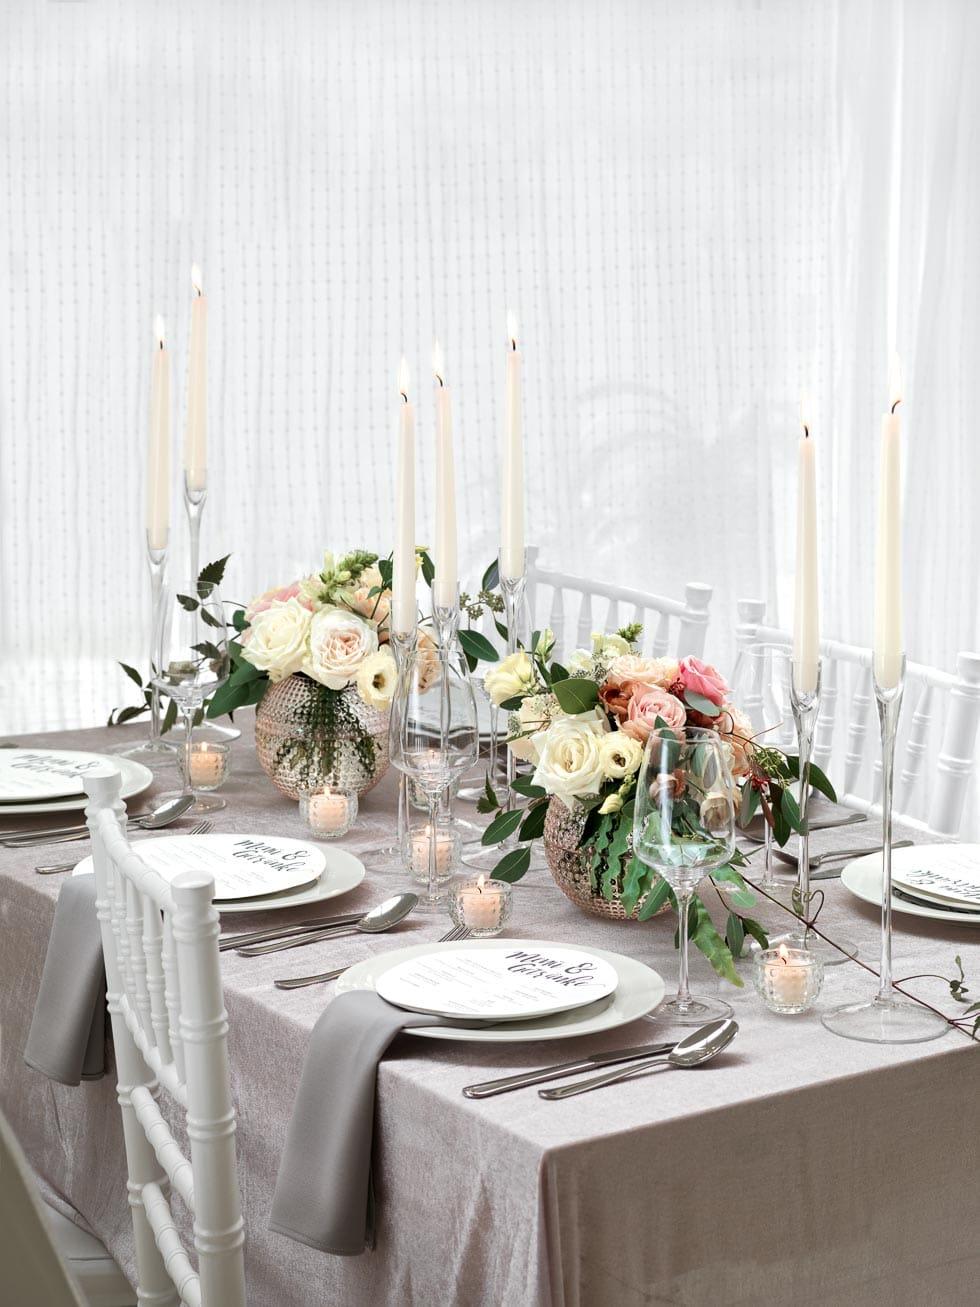 Tischdeko In Pastelltonen Mit Rosen In Beige Und Zartrosa